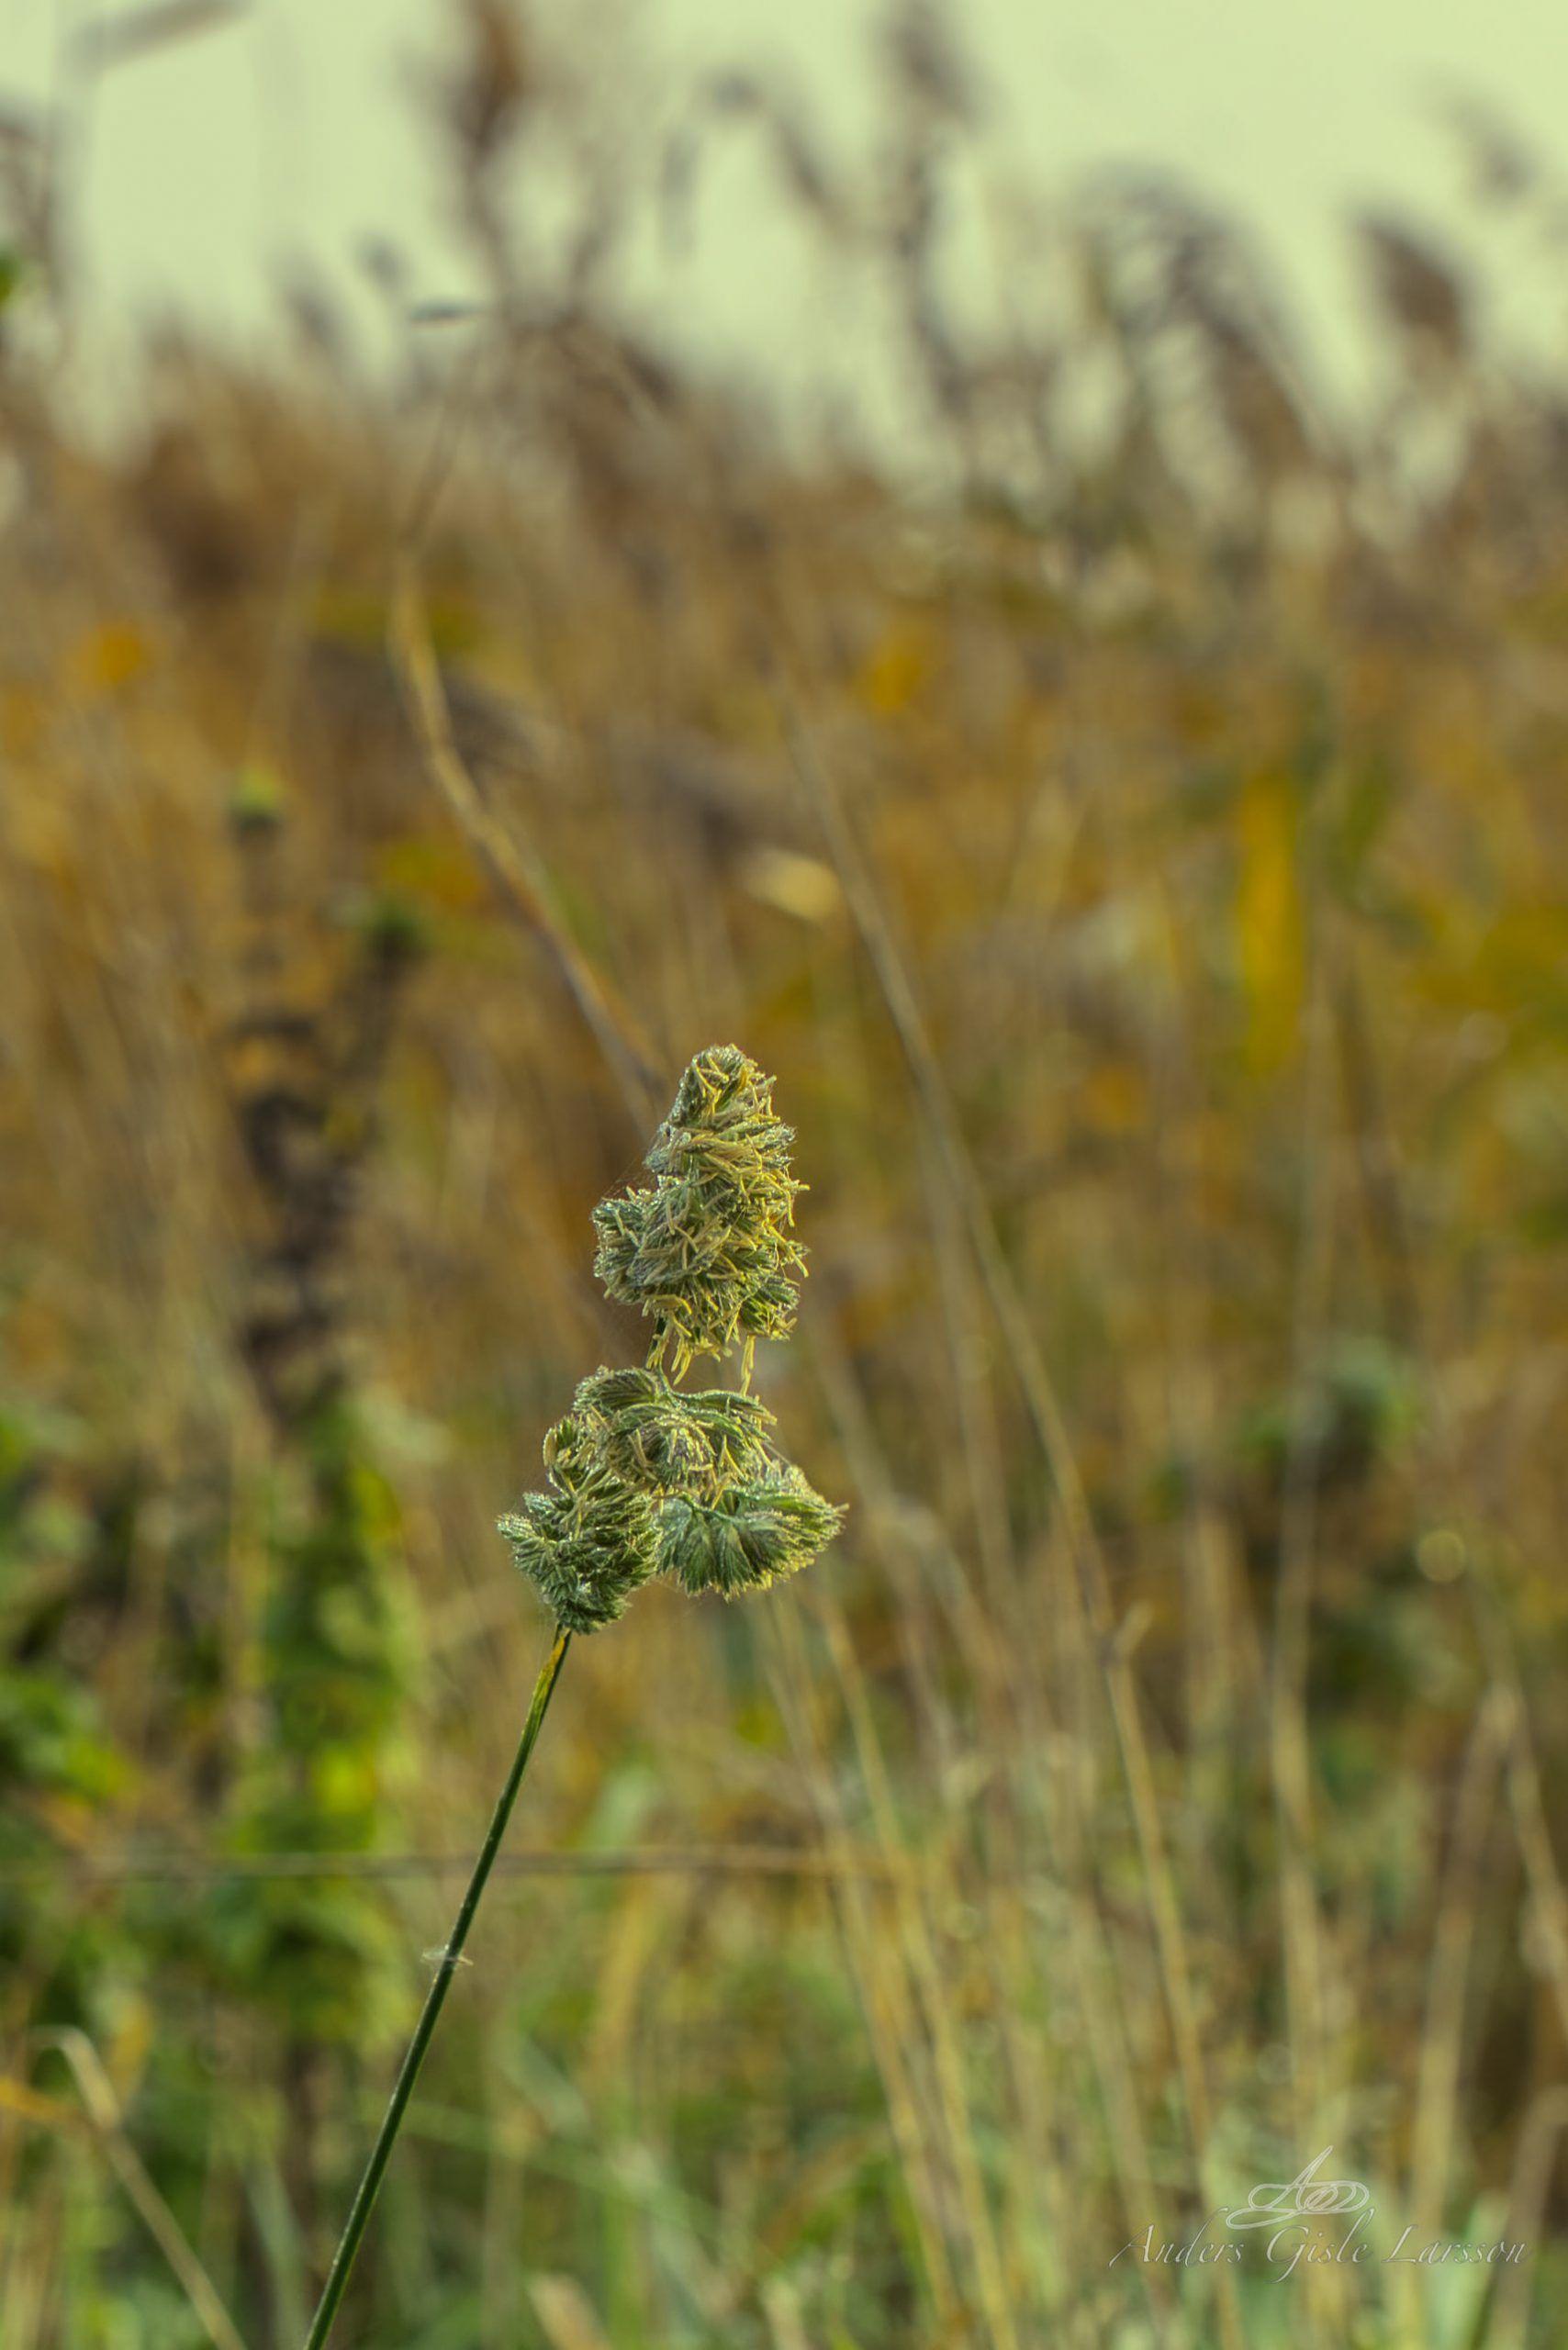 Morgendug i græsset, 290/365, Uge 42, Randers Fjord, Uggelhuse, Randers